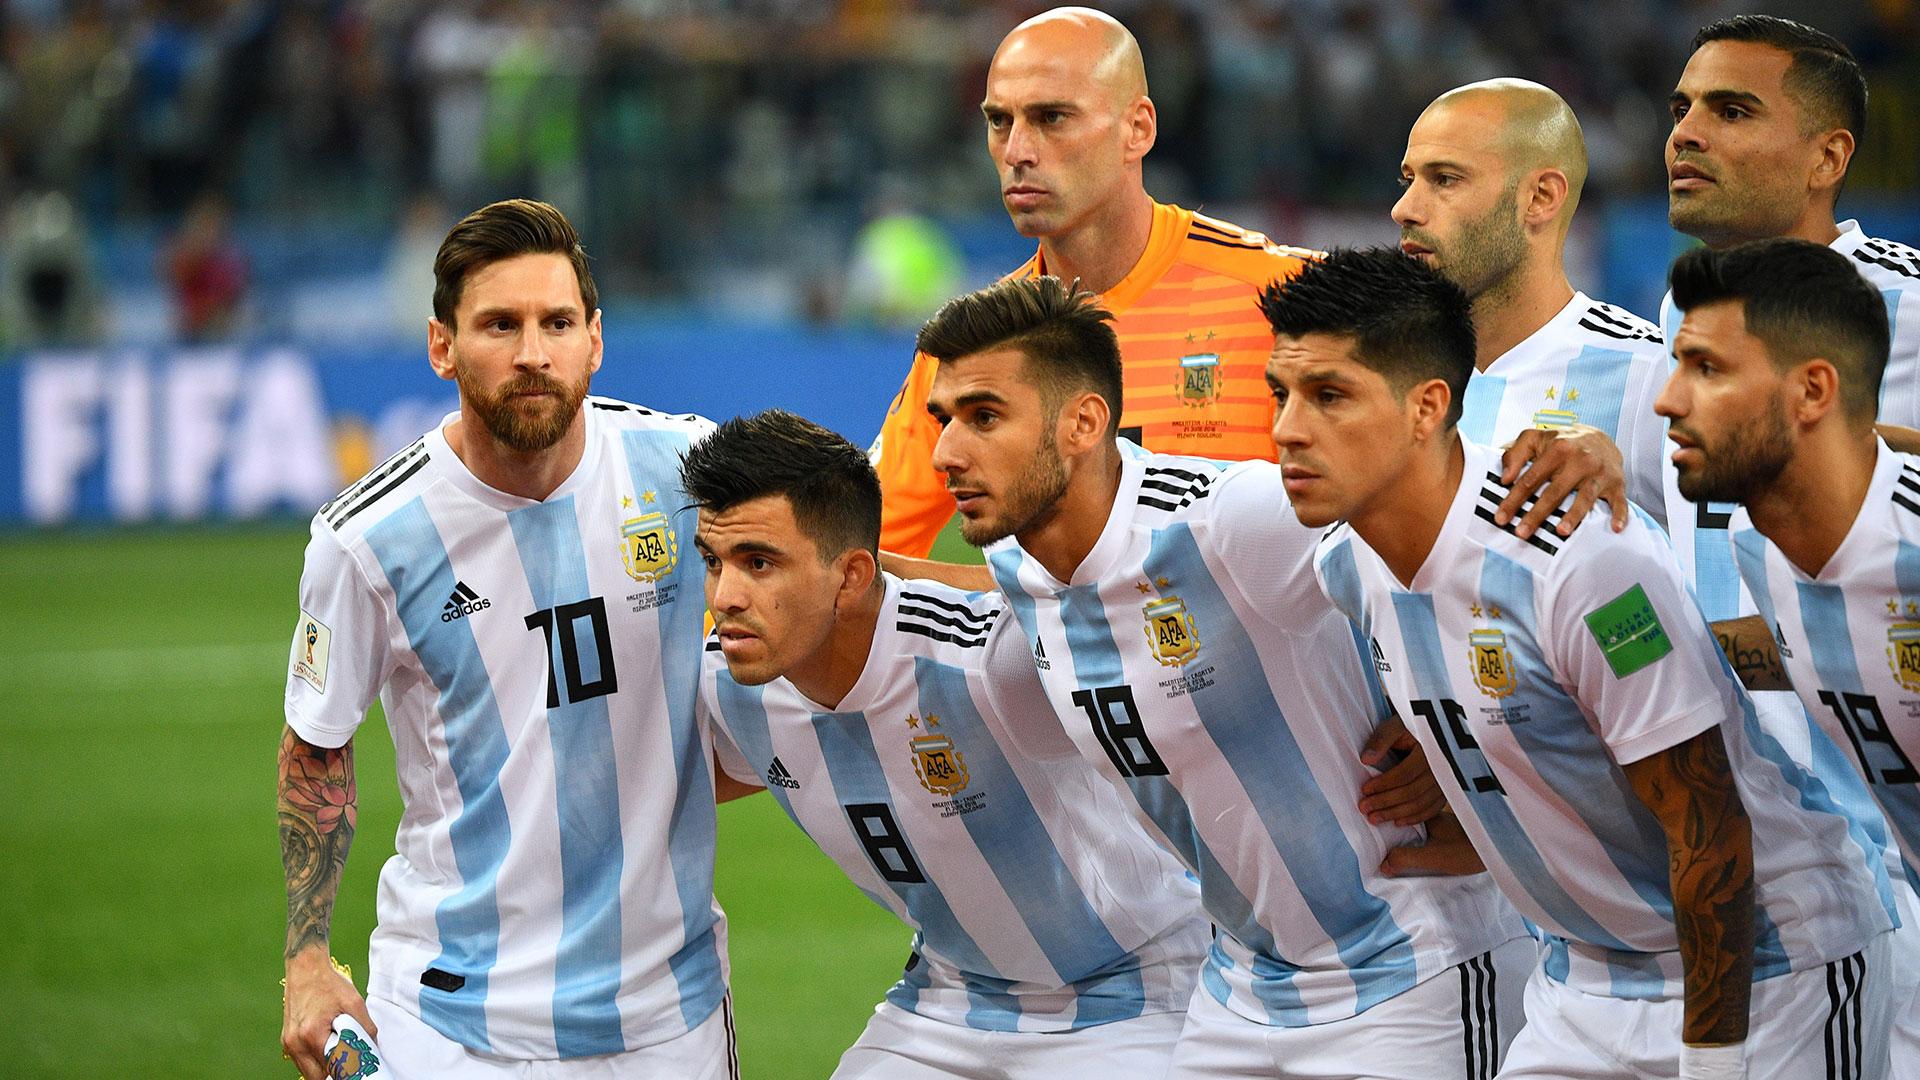 Mundial de fútbol 2018: Argentina y la crónica de una muerte anunciada